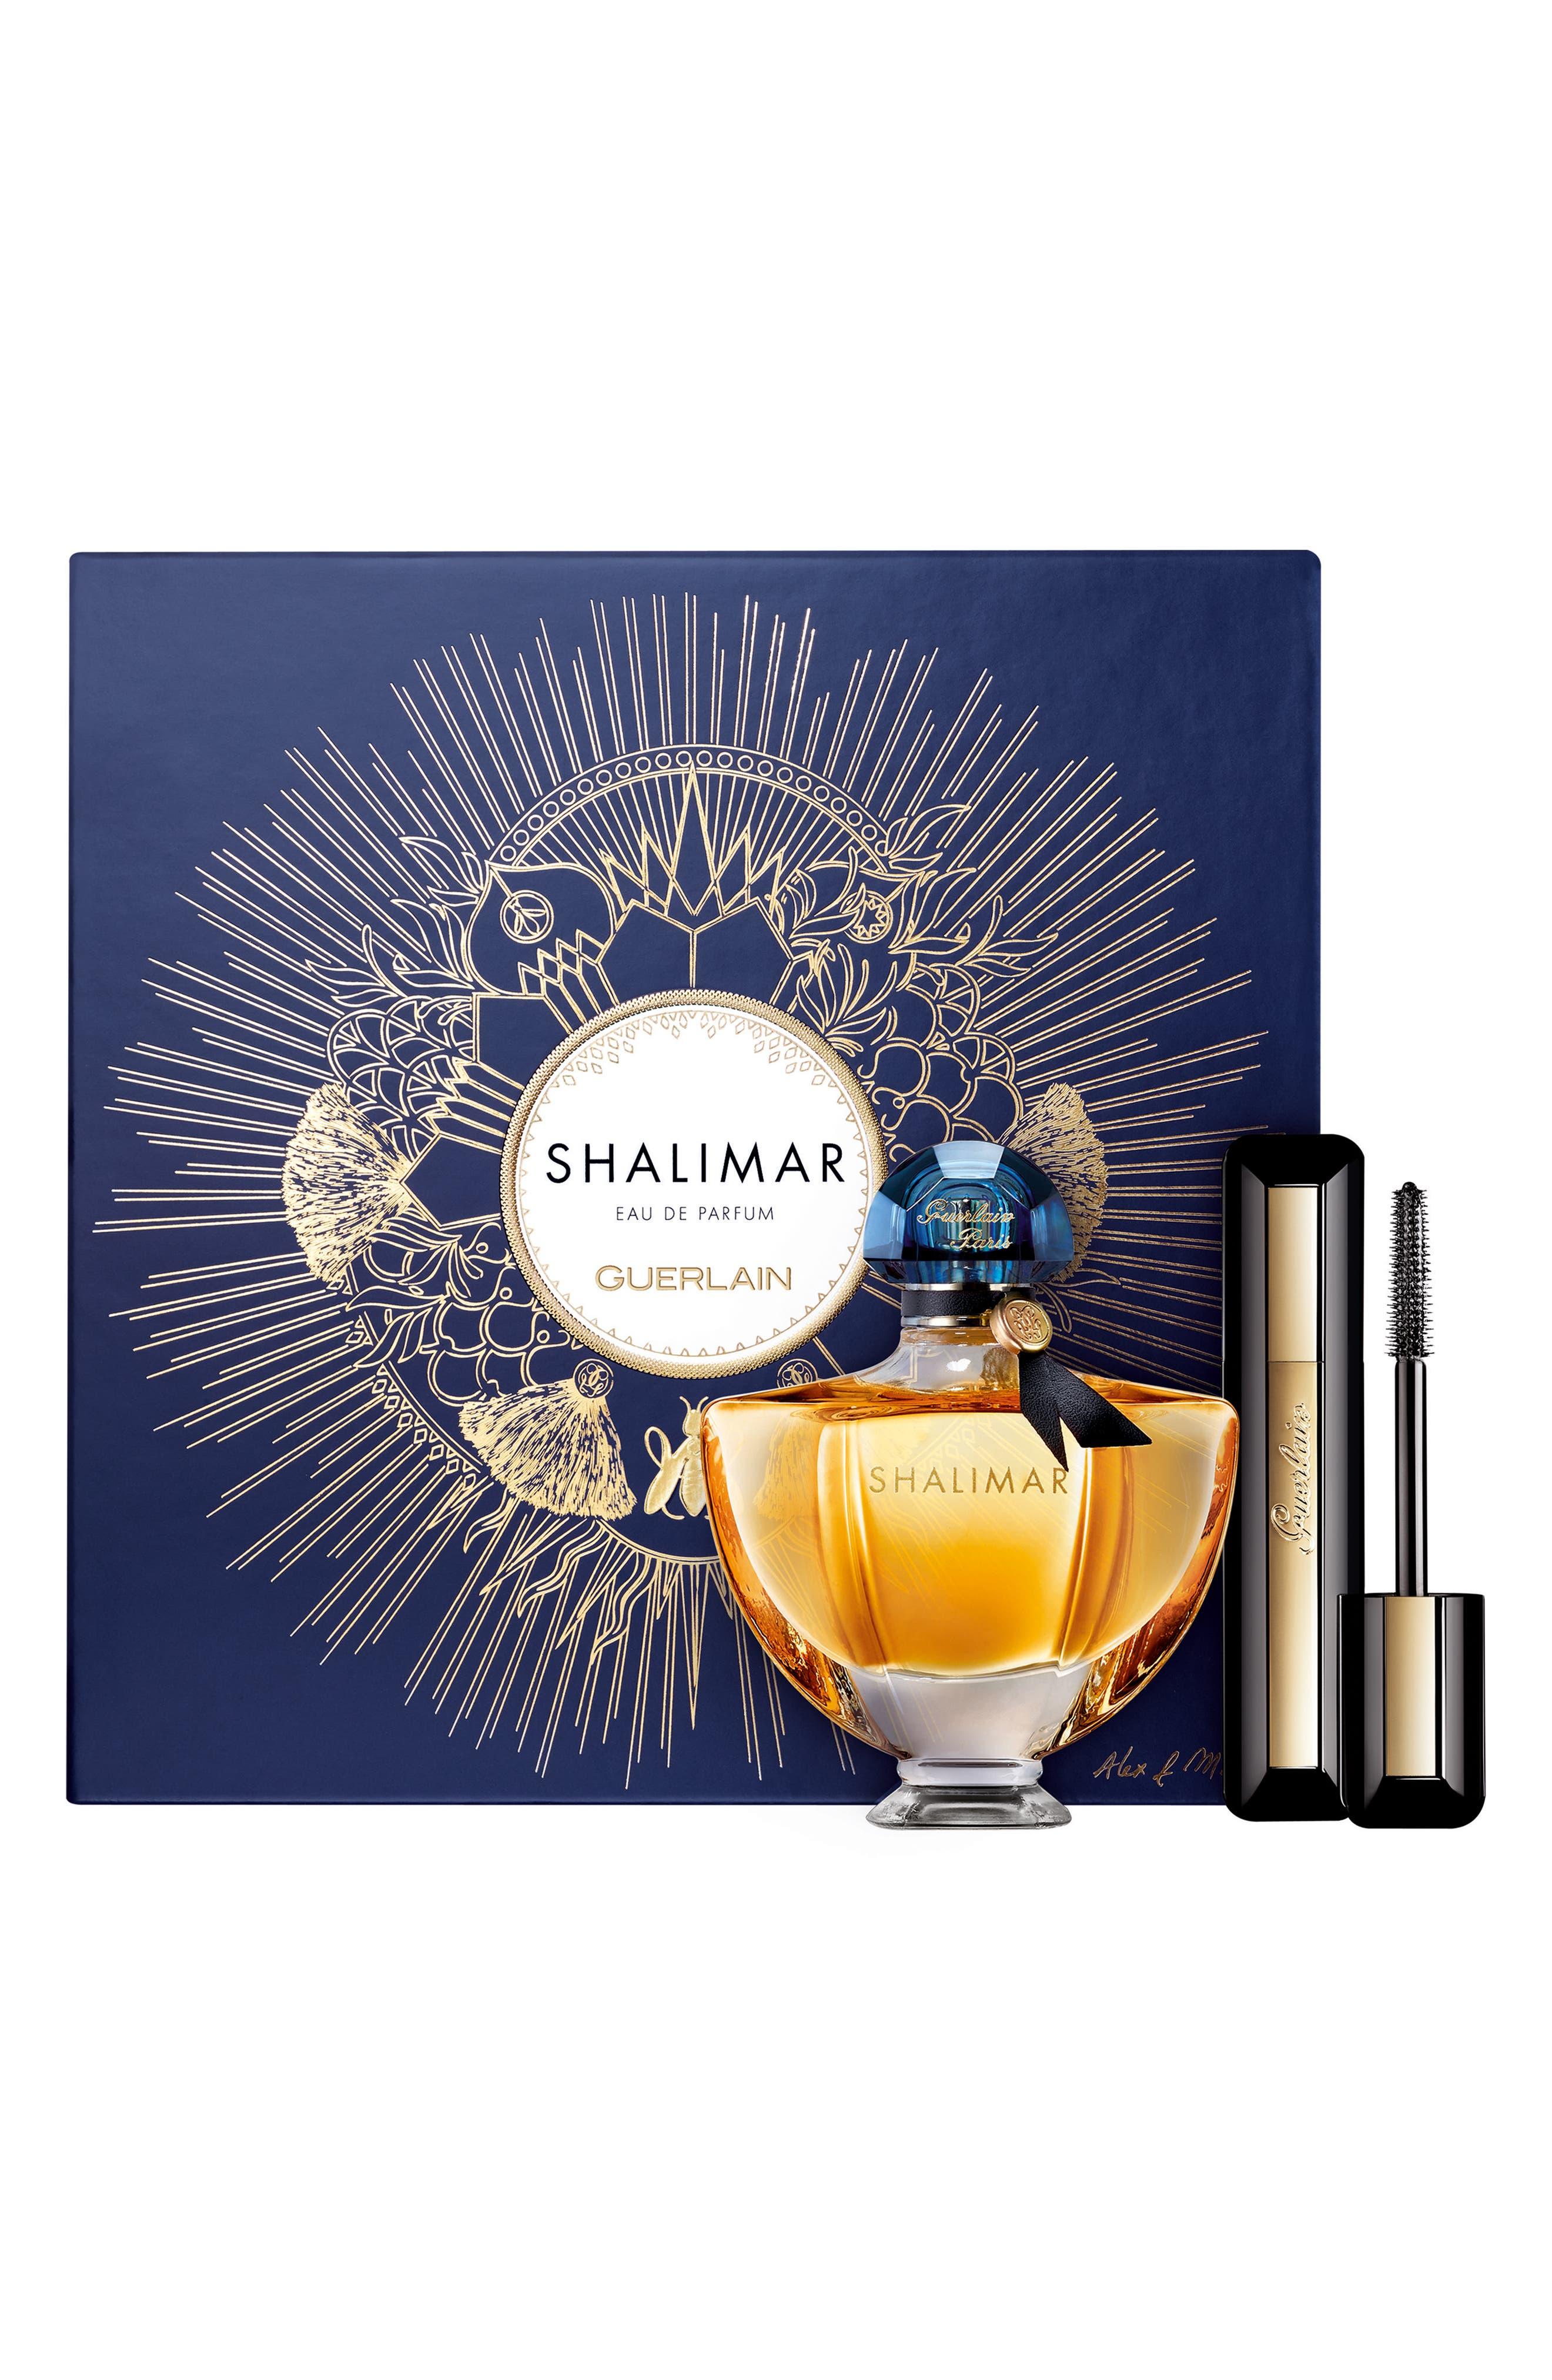 Alex & Marine Shalimar Eau de Parfum & Mascara Set,                             Main thumbnail 1, color,                             No Color